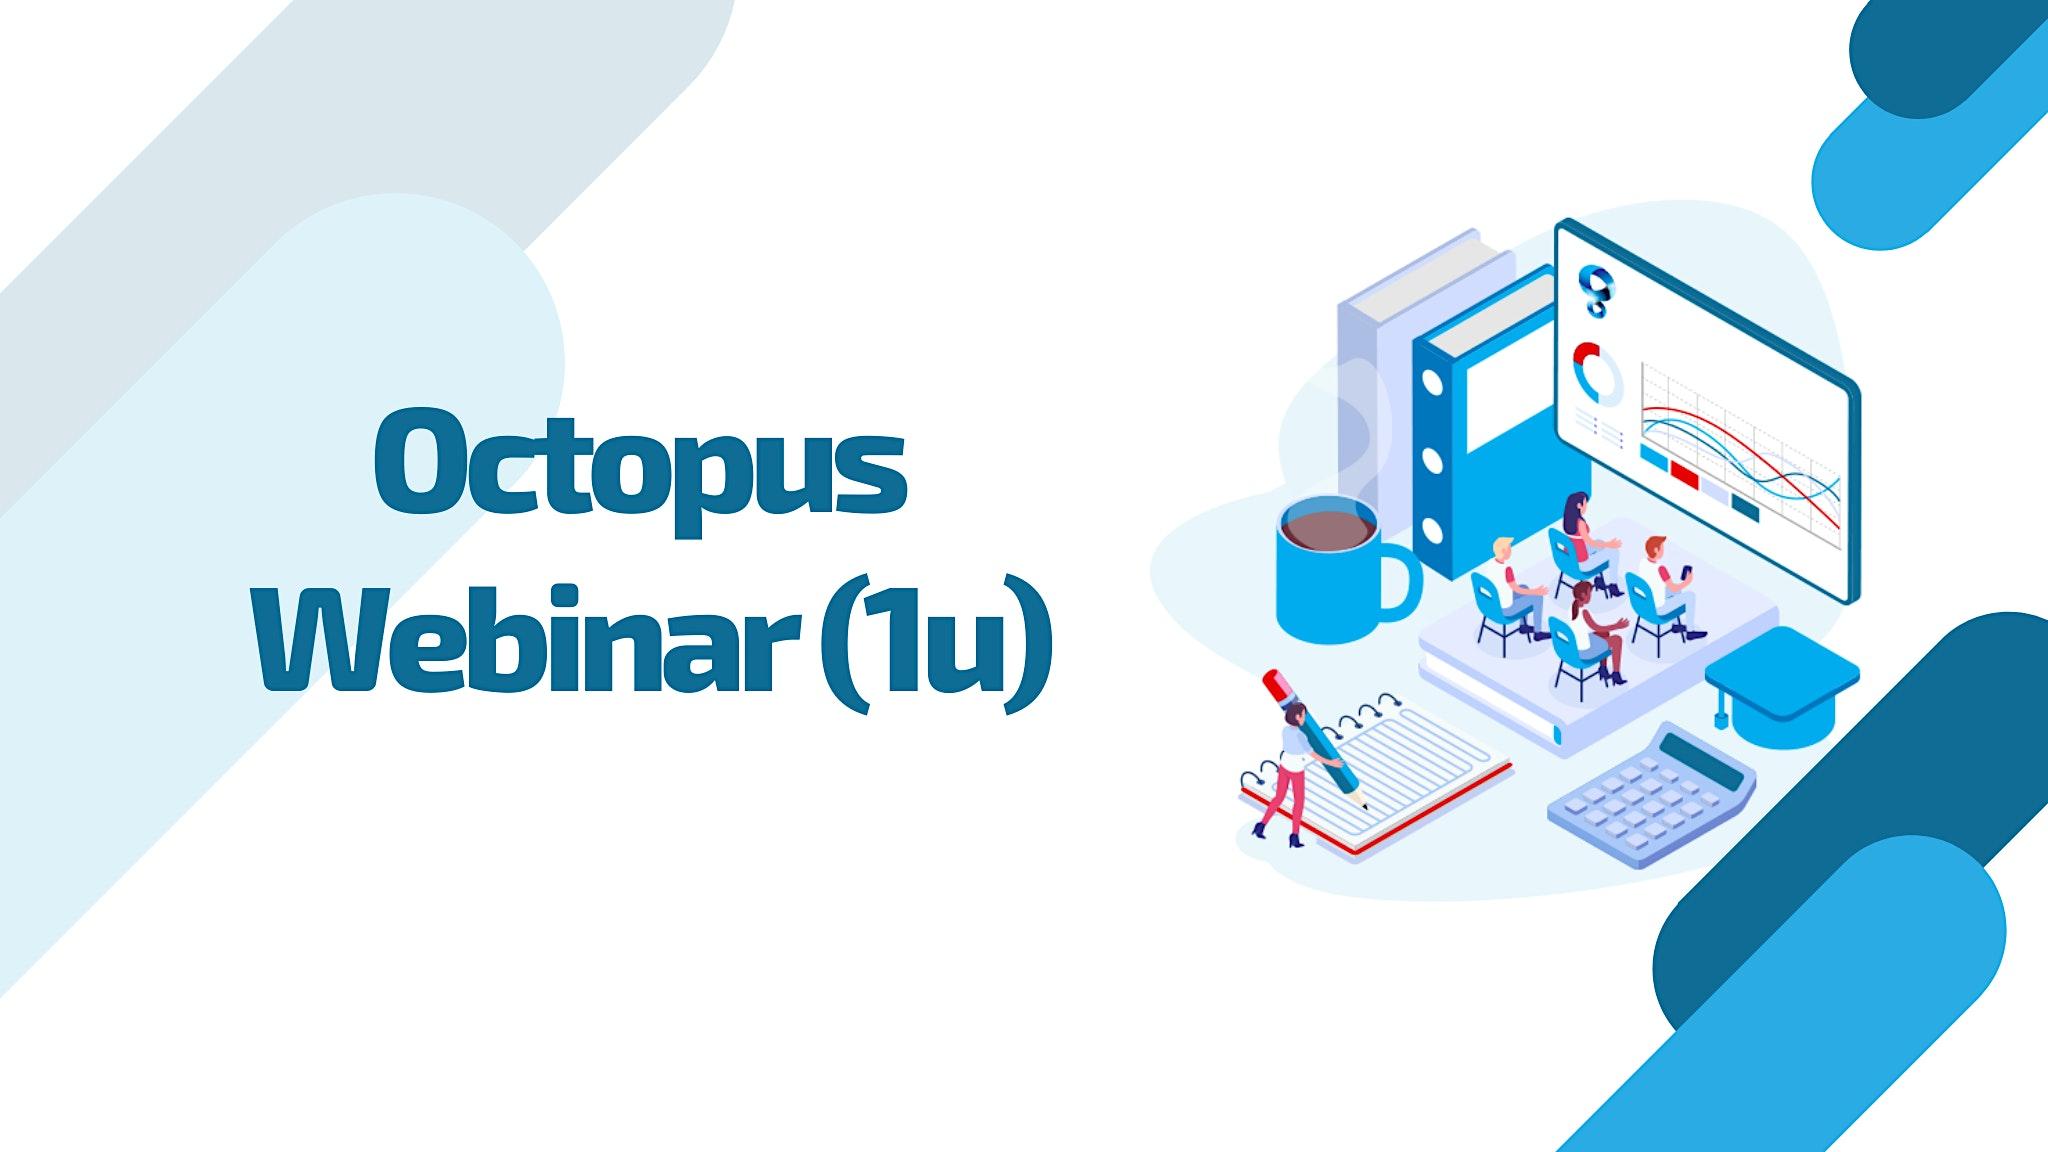 Octopus Webinar:  Octopus voor gevorderden